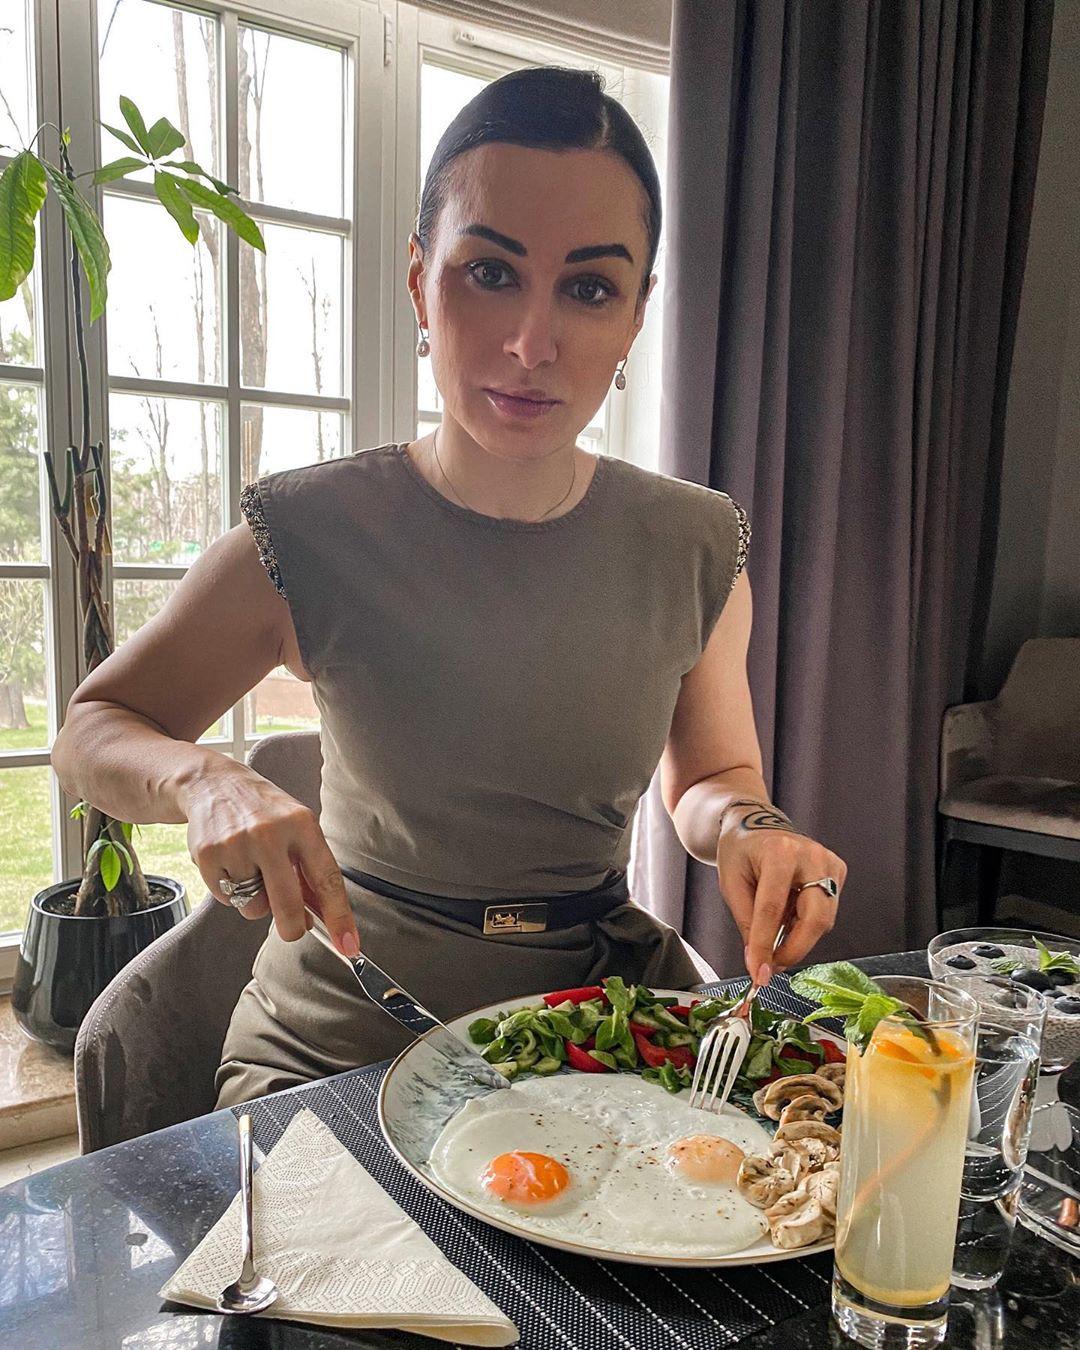 Тина Канделаки выглядит шикарно в свои 44 года